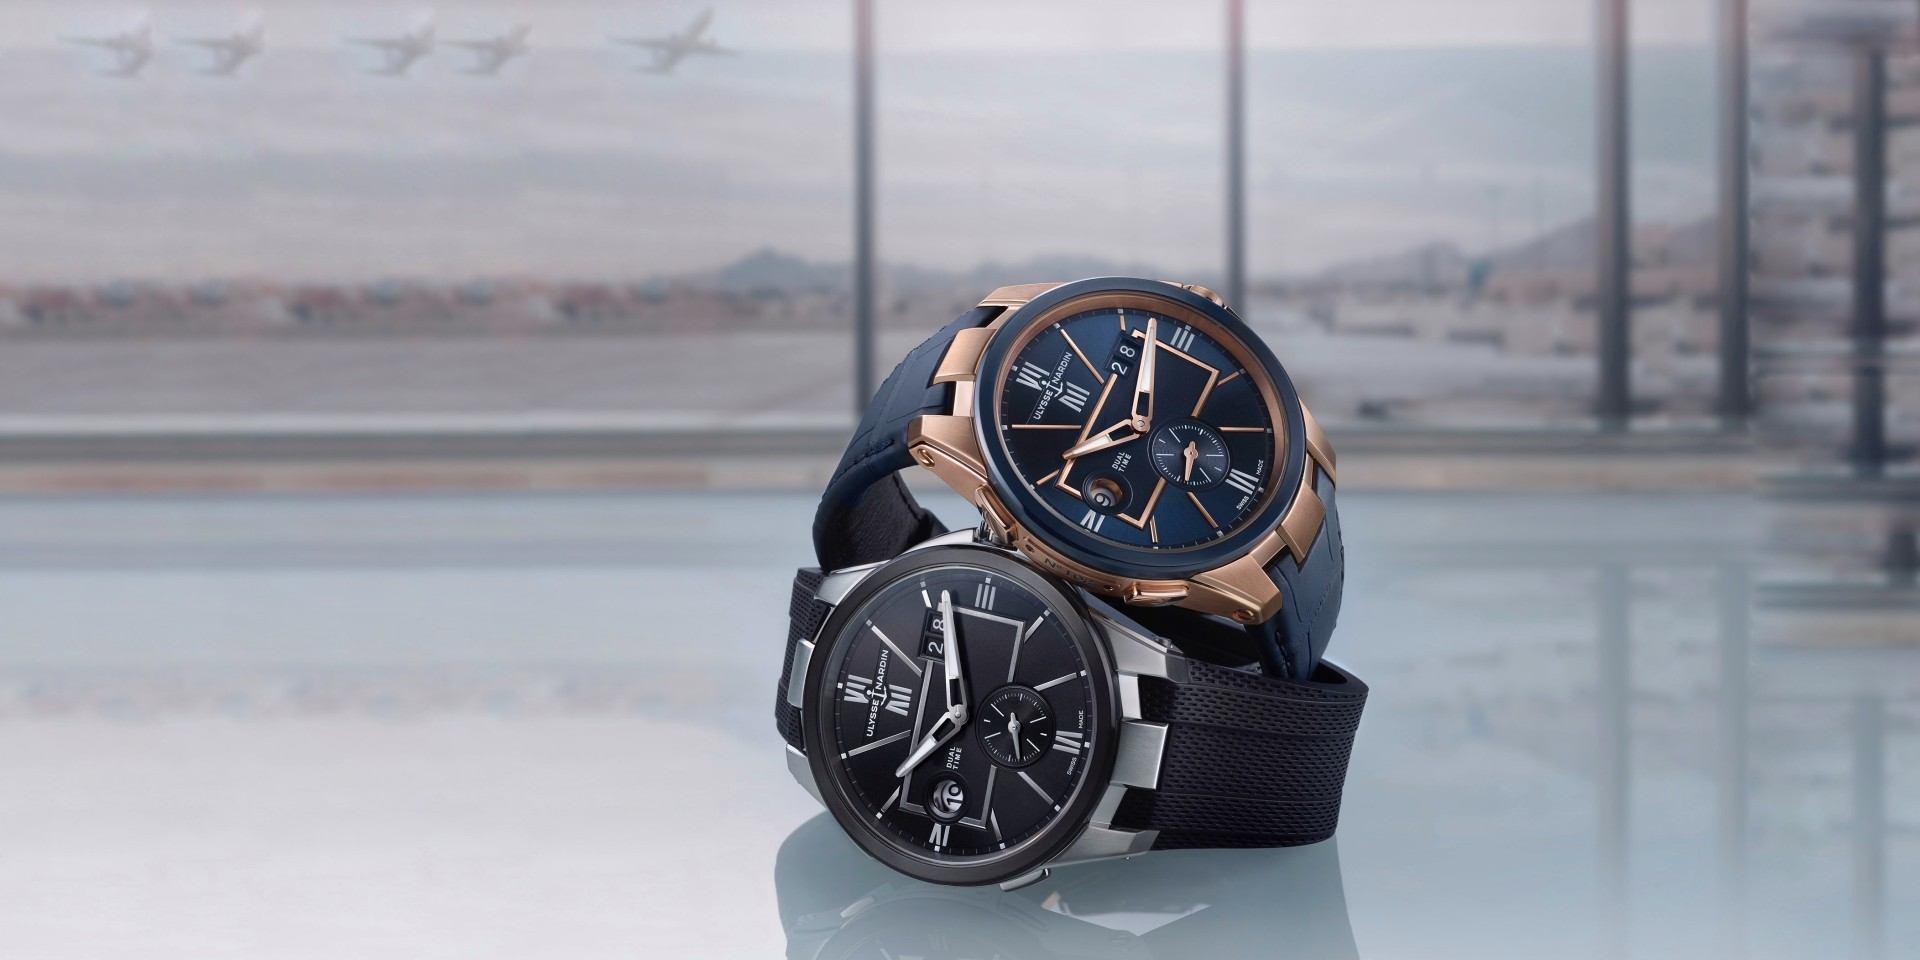 優雅前行的旅行者:雅典錶經理人雙時區42毫米腕錶